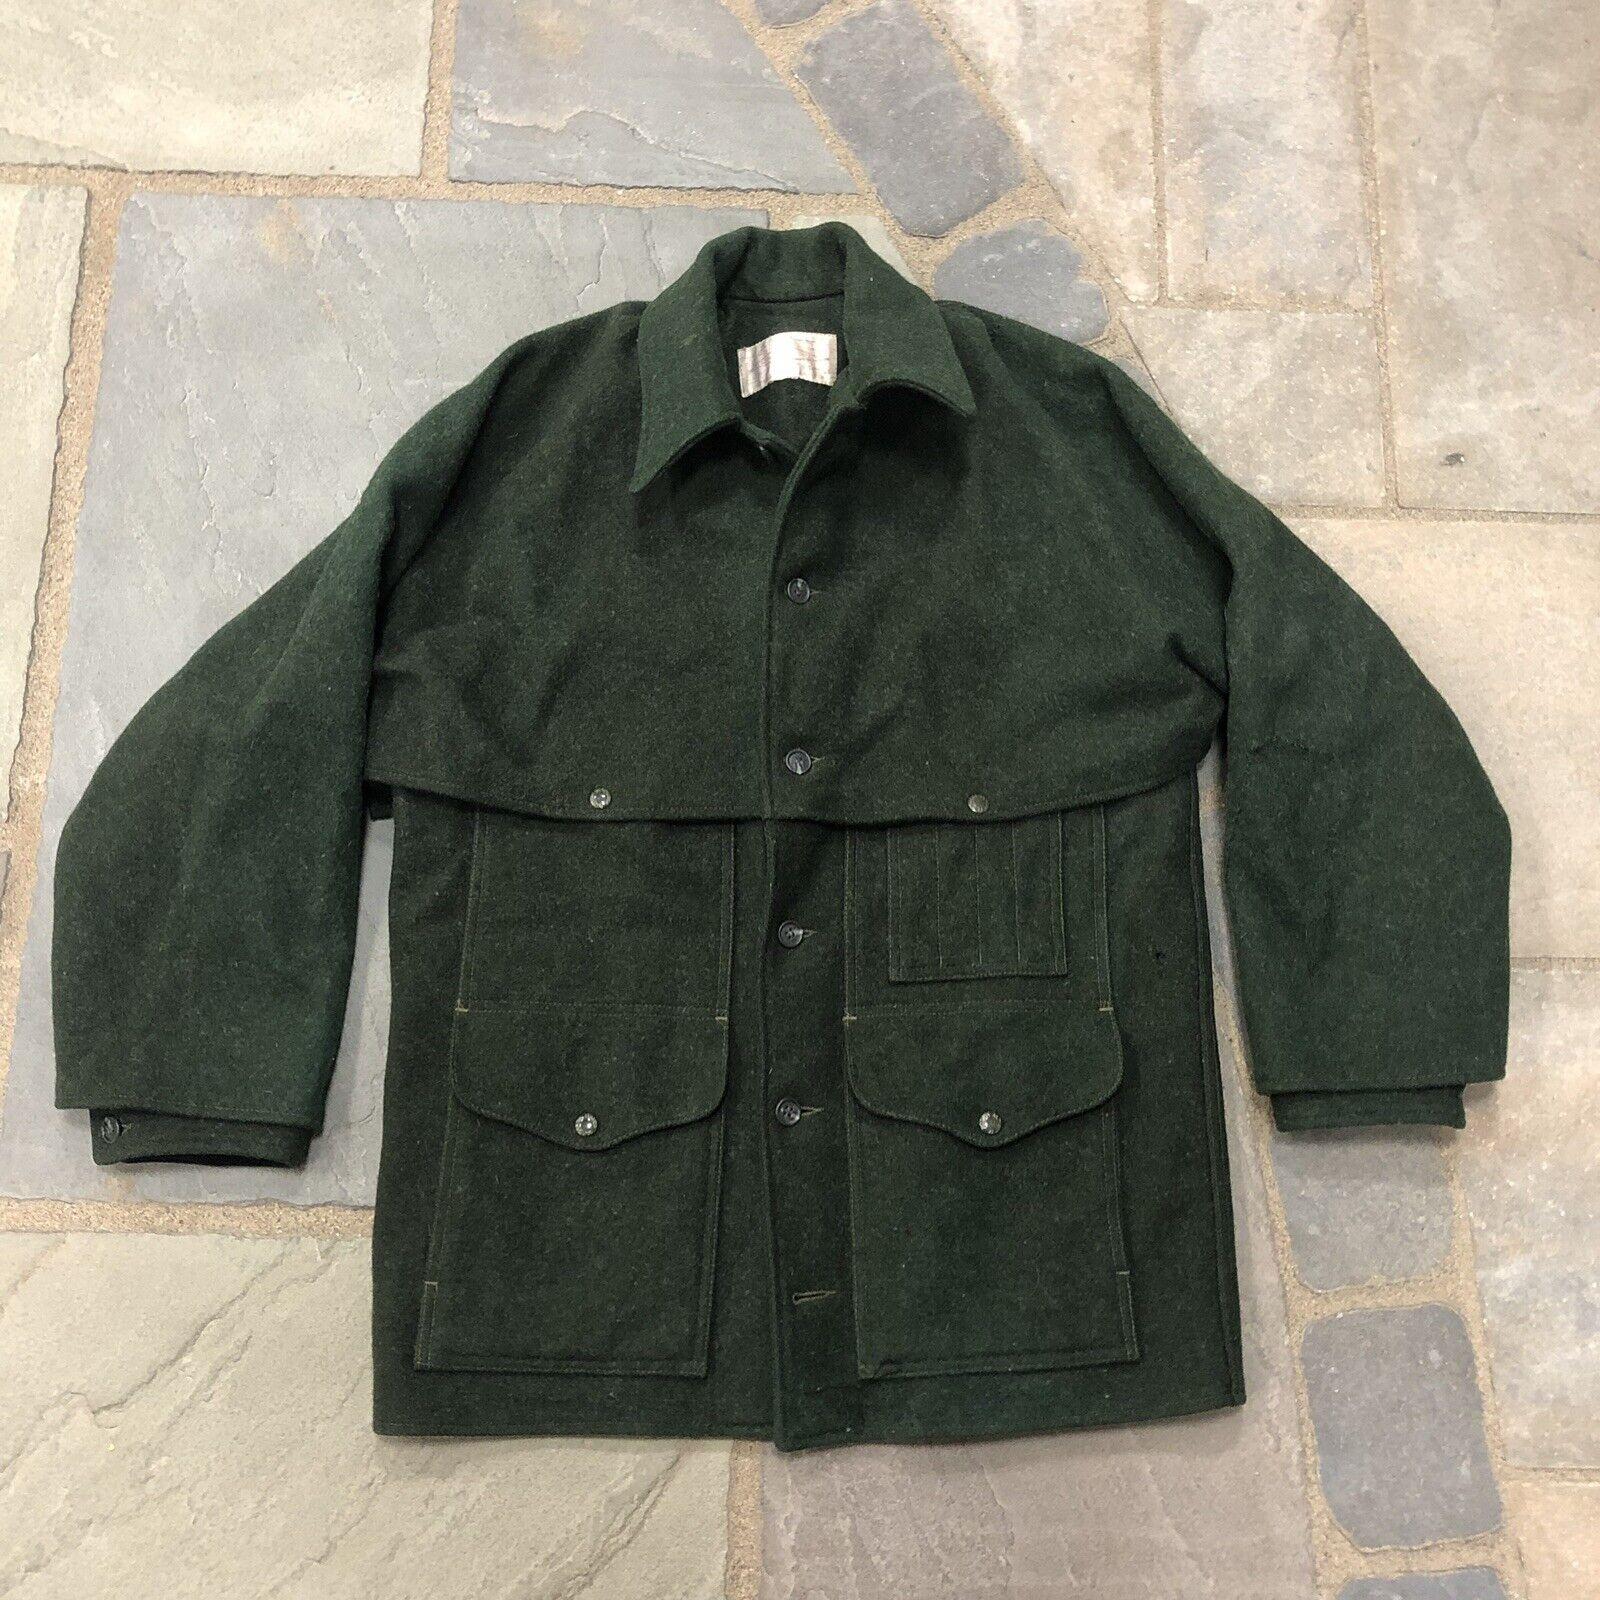 Vintage Filson Mackinaw wolleCruiser jacke Coat Forest Grün männer's Fits M L